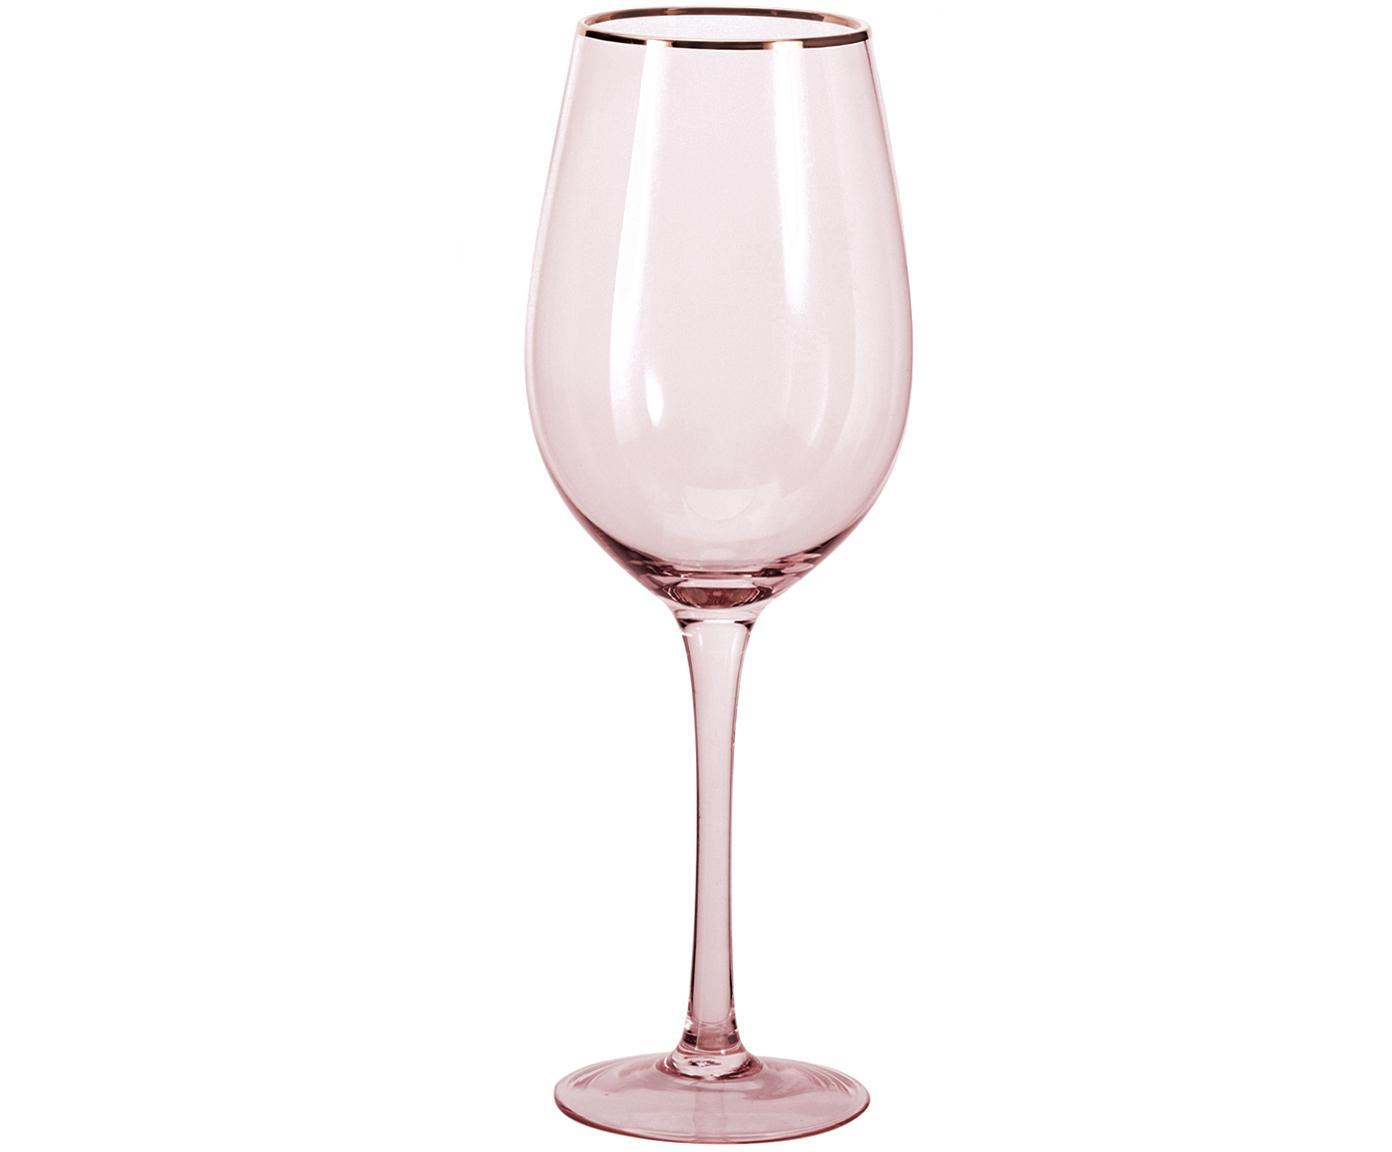 Wijnglazen Chloe in roze met gouden rand, 4 stuks, Glas, Perzikkleurig, Ø 9 x H 26 cm